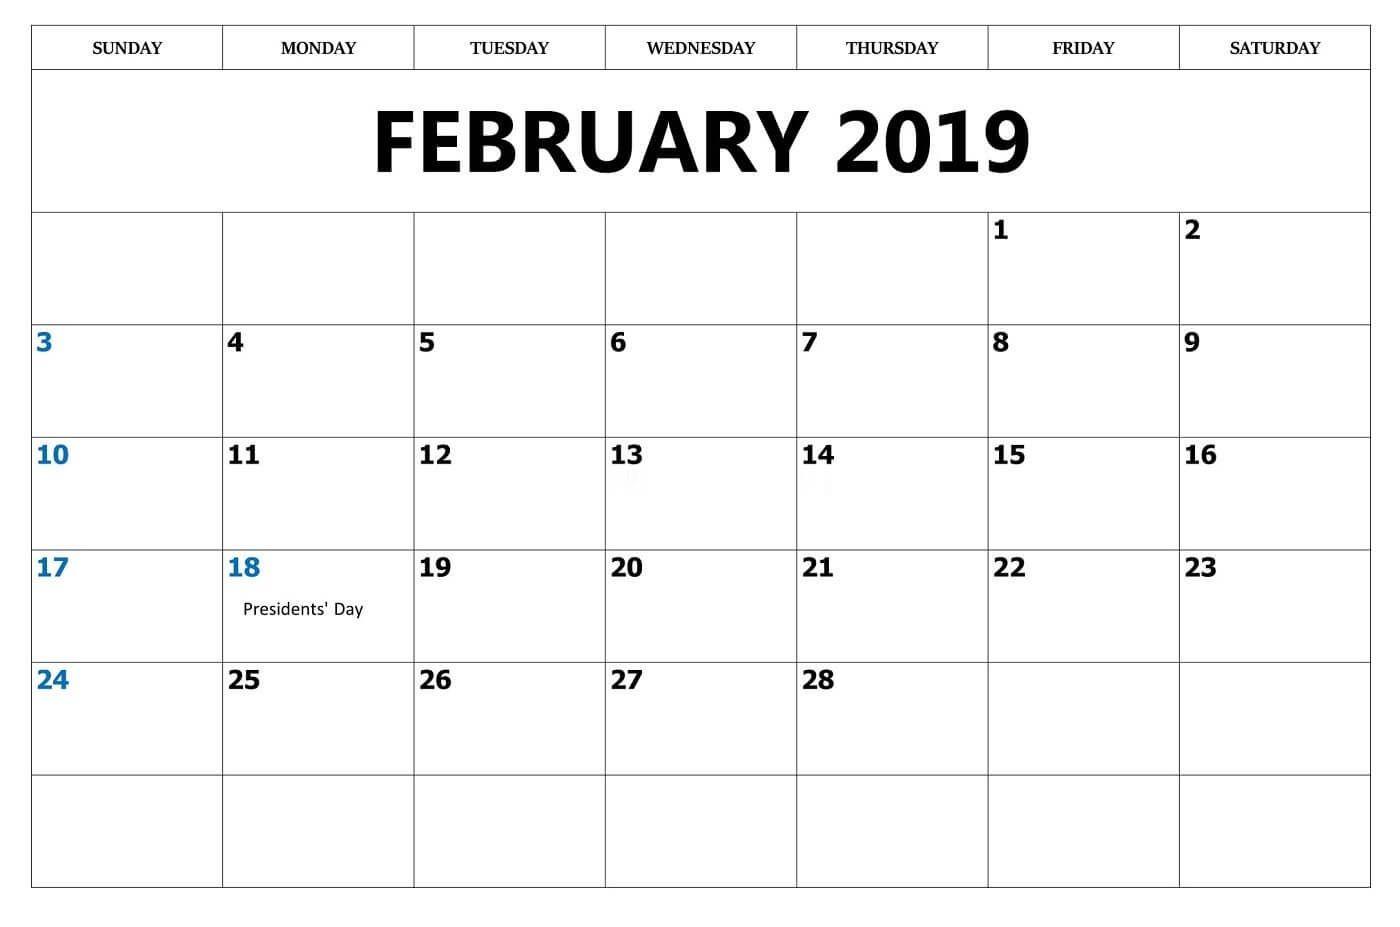 Calendar 2019 February Holidays February 2019 Calendar With Holidays | 125+ February 2019 Calendar